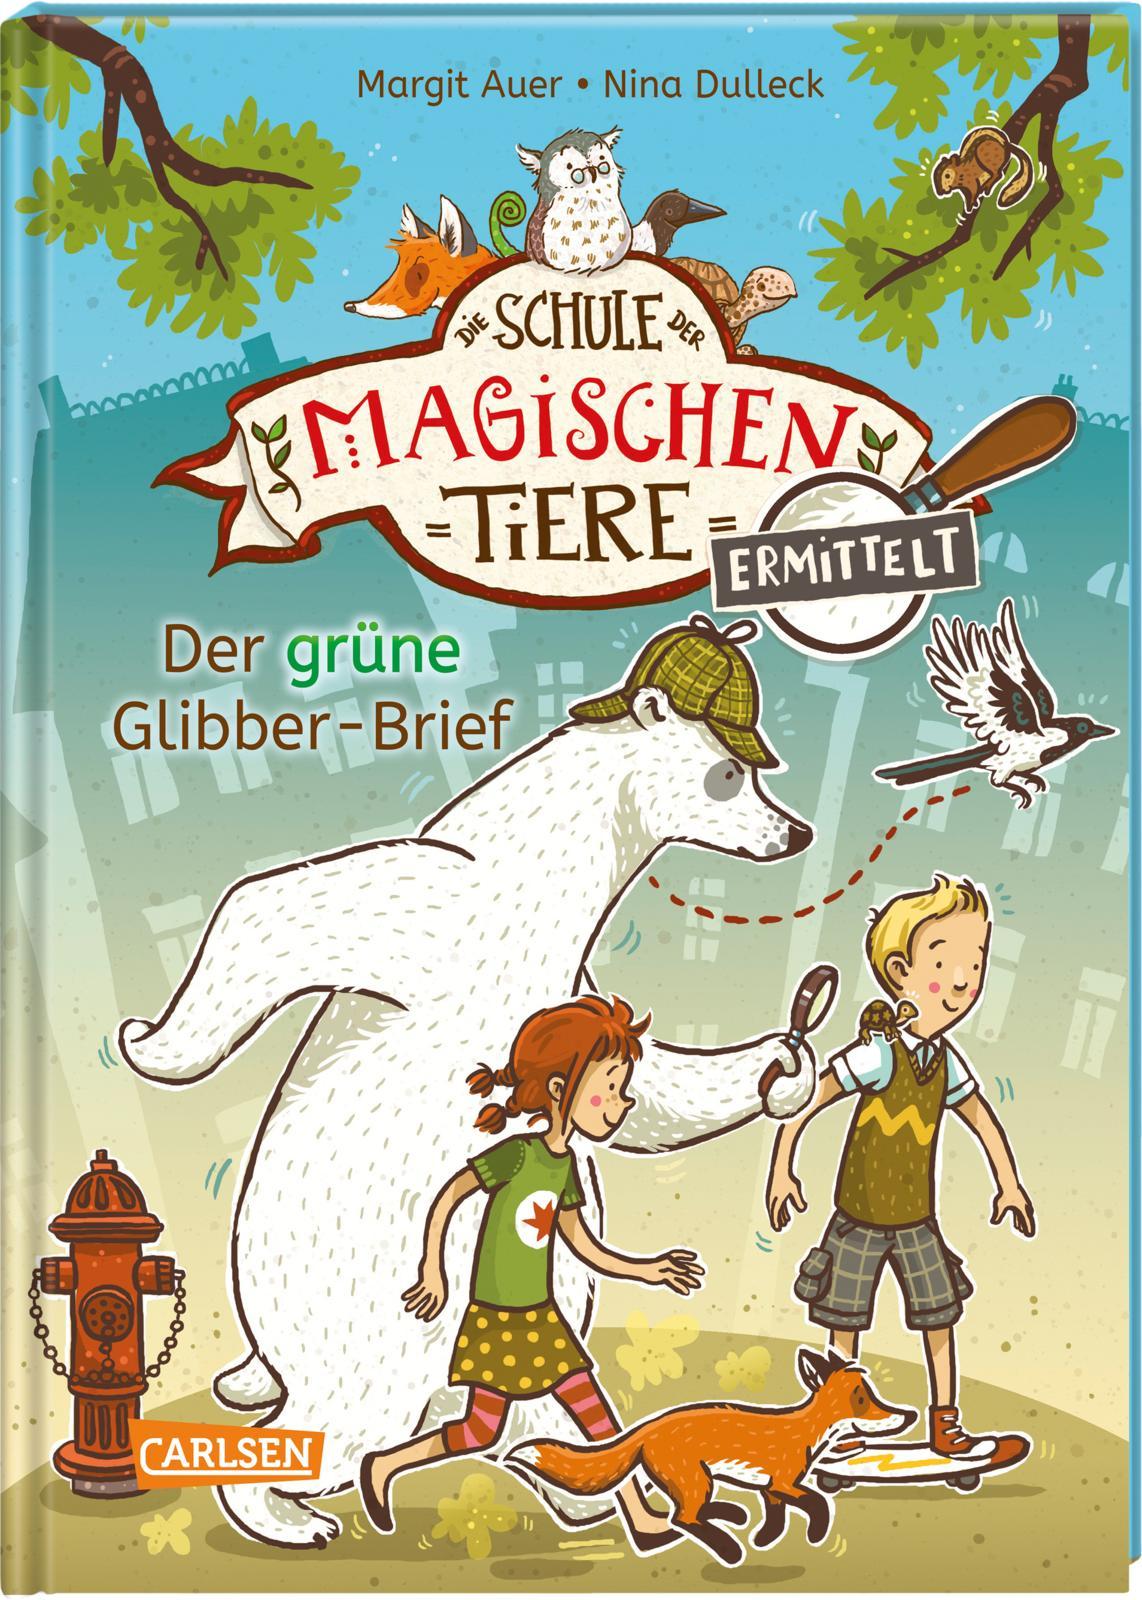 »DIE SCHULE DER MAGISCHEN TIERE ERMITTELT: DER GRÜNE GLIBBER-BRIEF« - CARLSEN